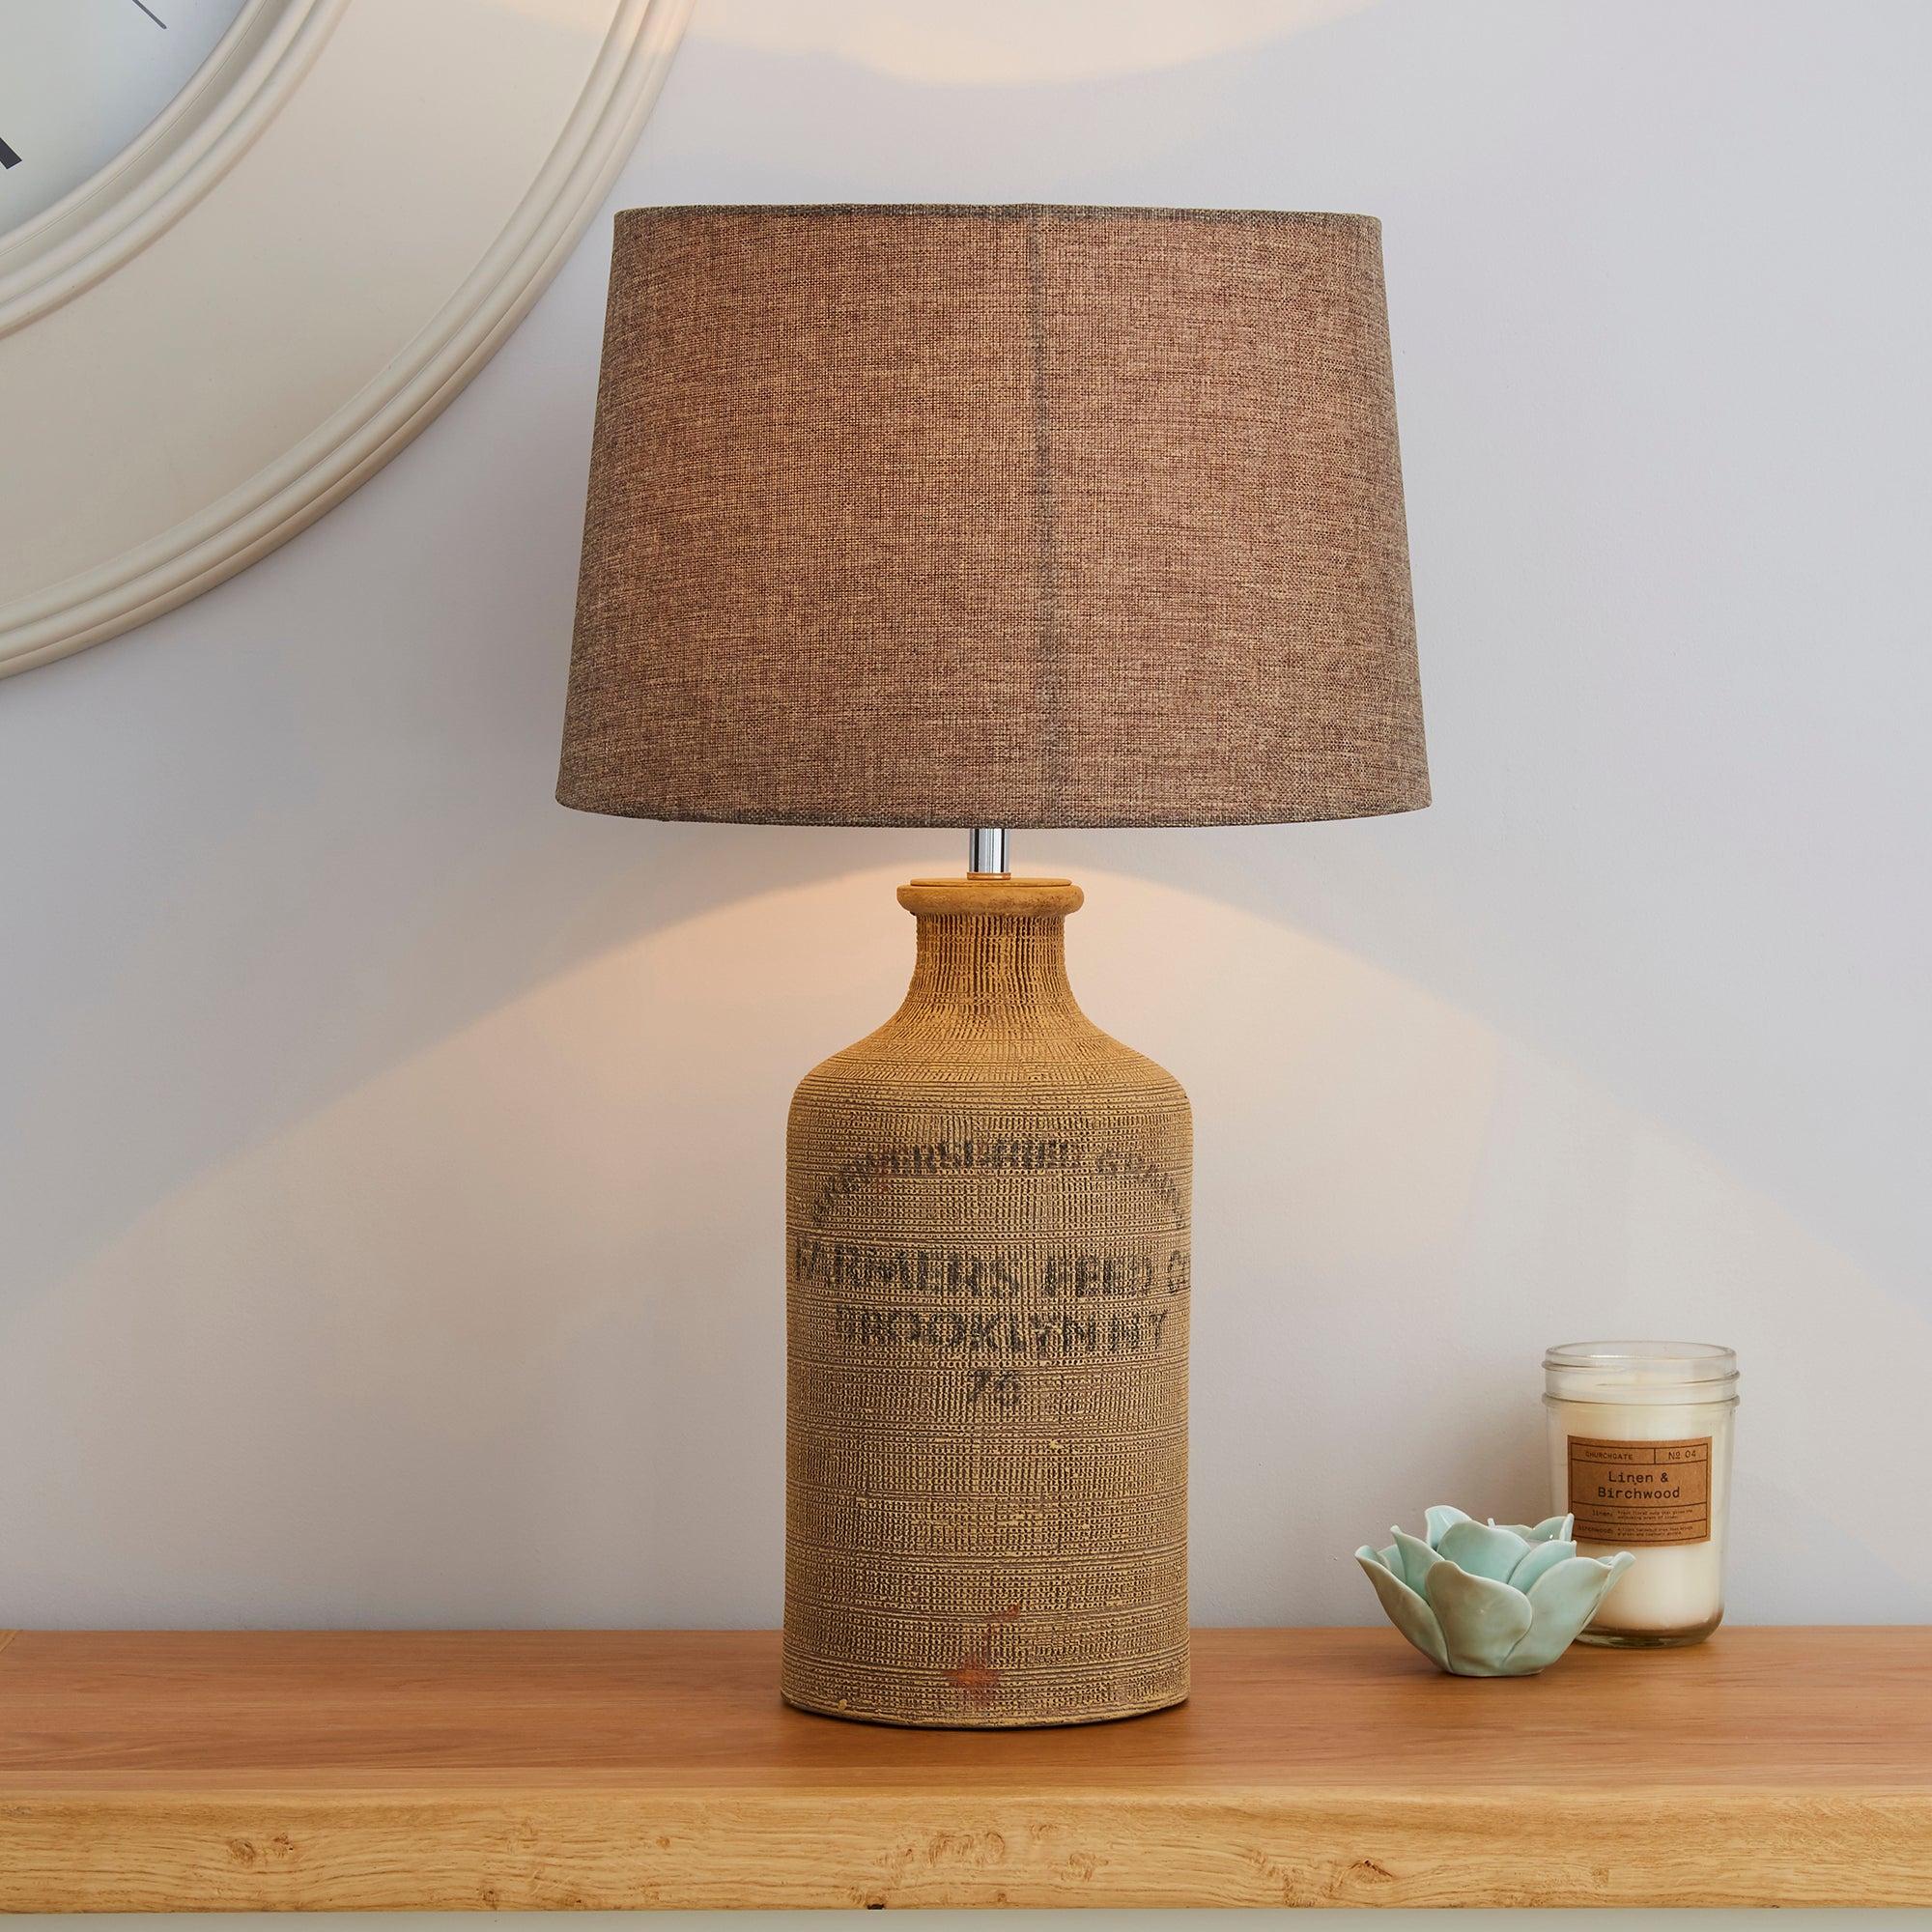 Albury Jute Sack Table Lamp Light Brown / Natural